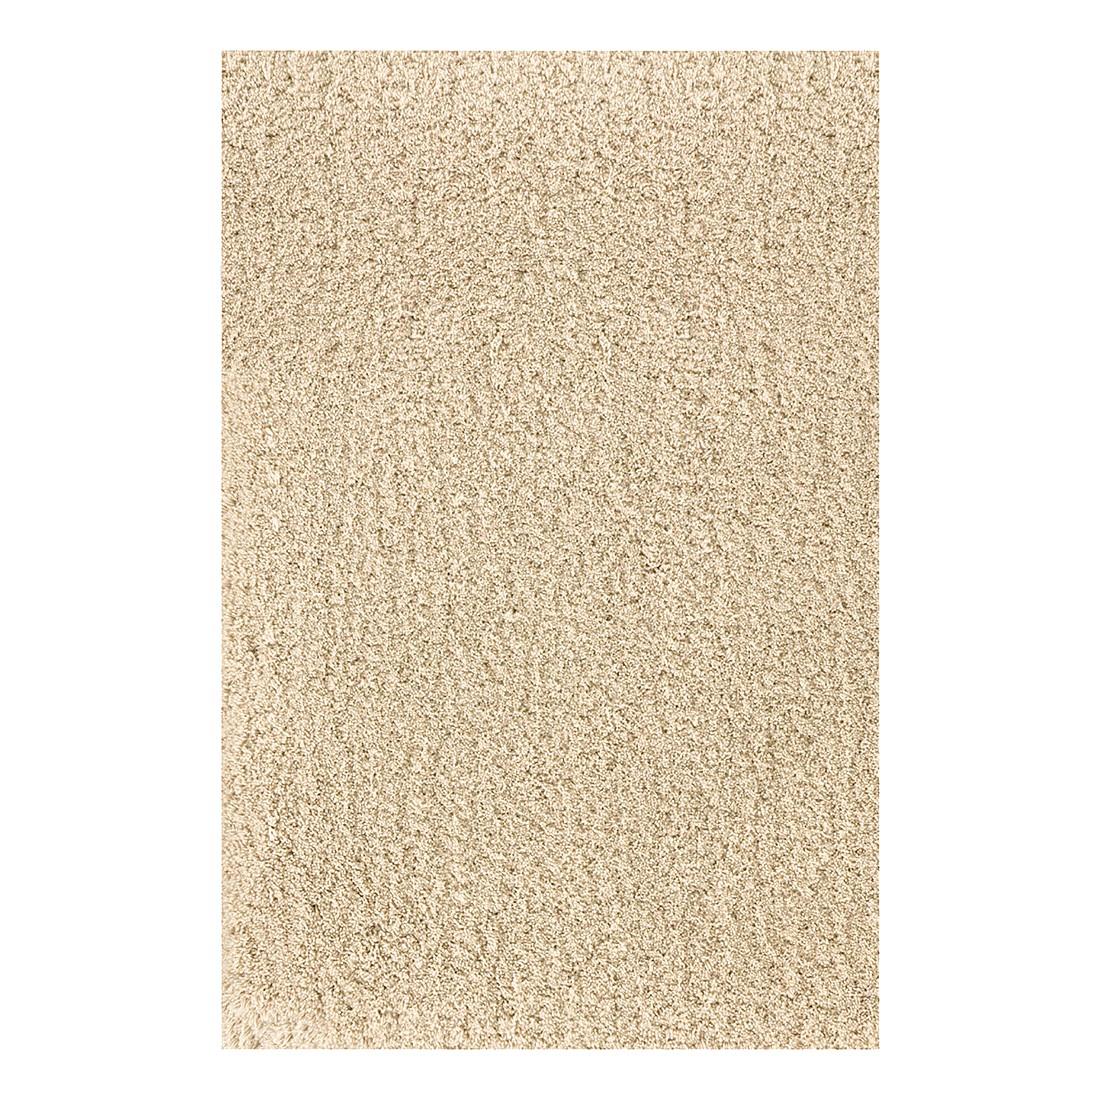 Teppich Livorno - Beige - 140 x 200 cm, Astra